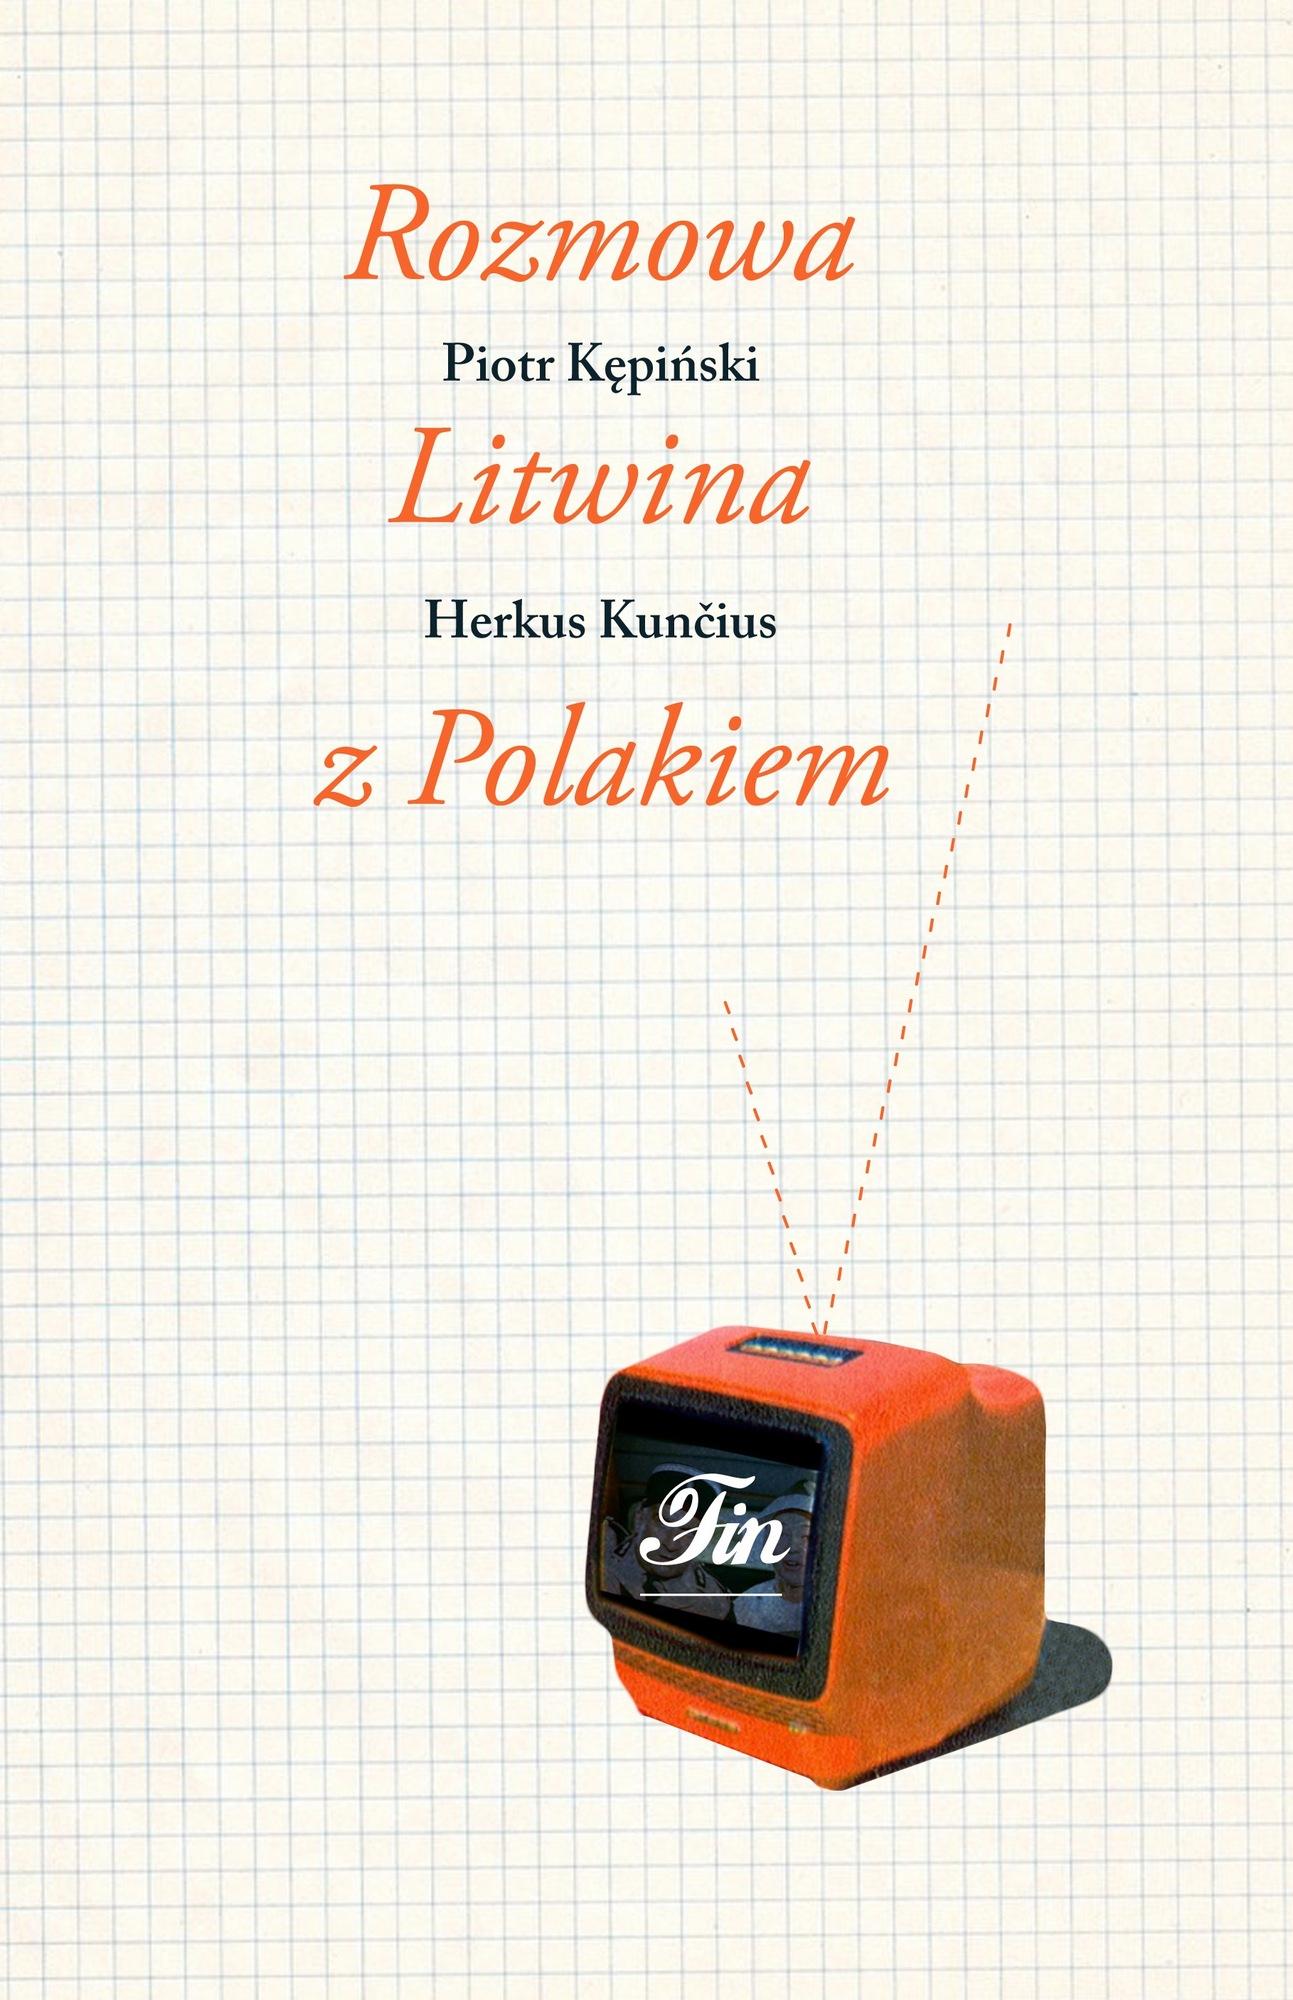 """Piotr Kępiński, Herkus Kunčius, """"Rozmowa Litwina z Polakiem"""" – okładka (źródło: materiały prasowe)"""